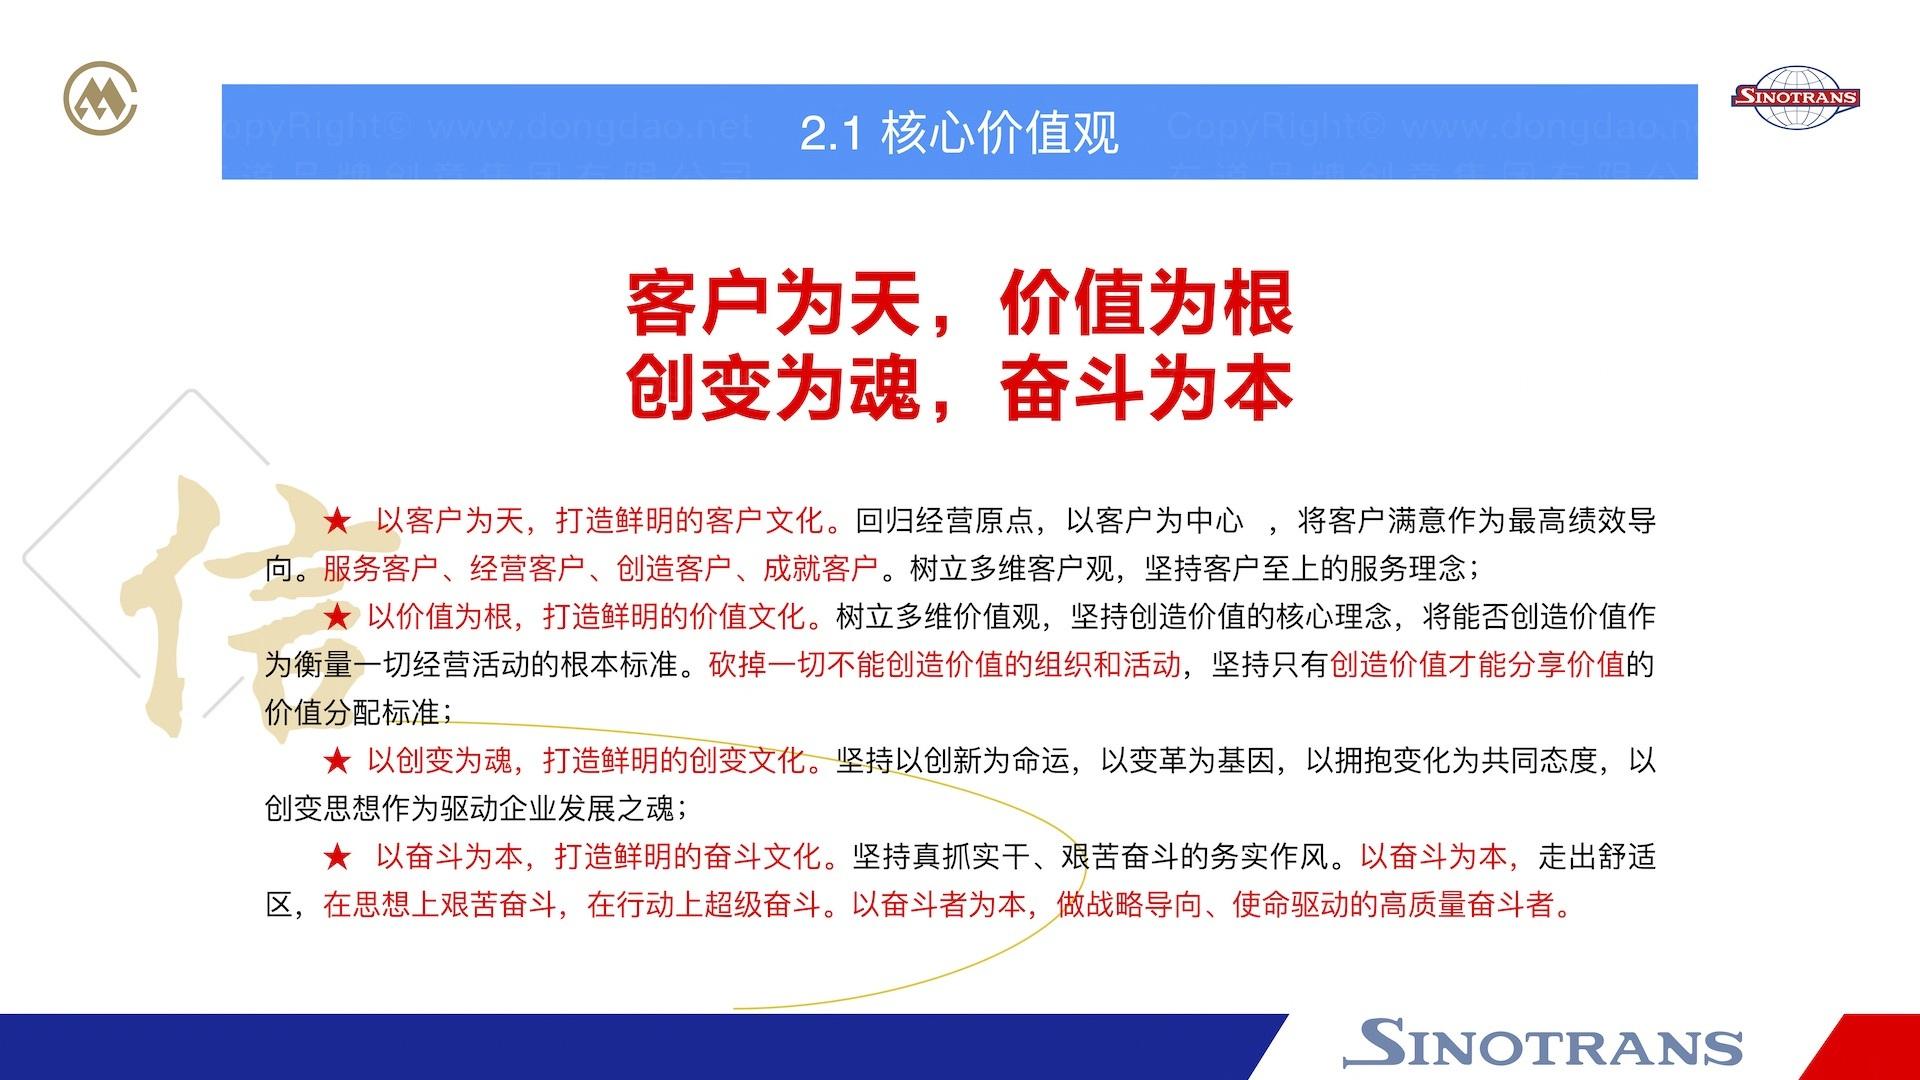 品牌战略&企业文化中国外运企业文化落地项目企业文化手册应用场景_4